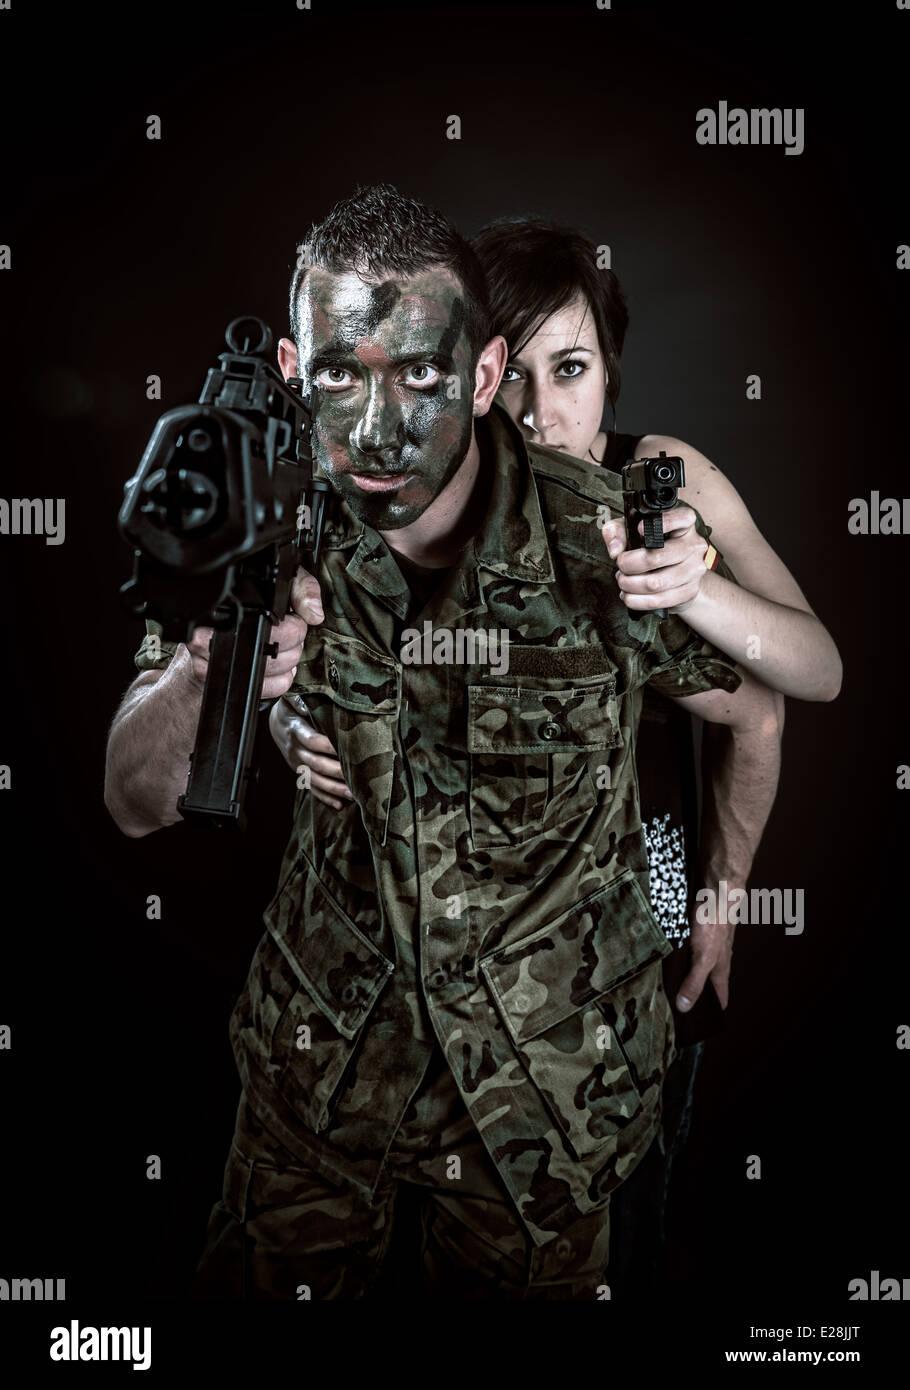 Spanischer Militär mit SMG und Mädchen mit Pistole auf schwarzem Hintergrund Stockbild